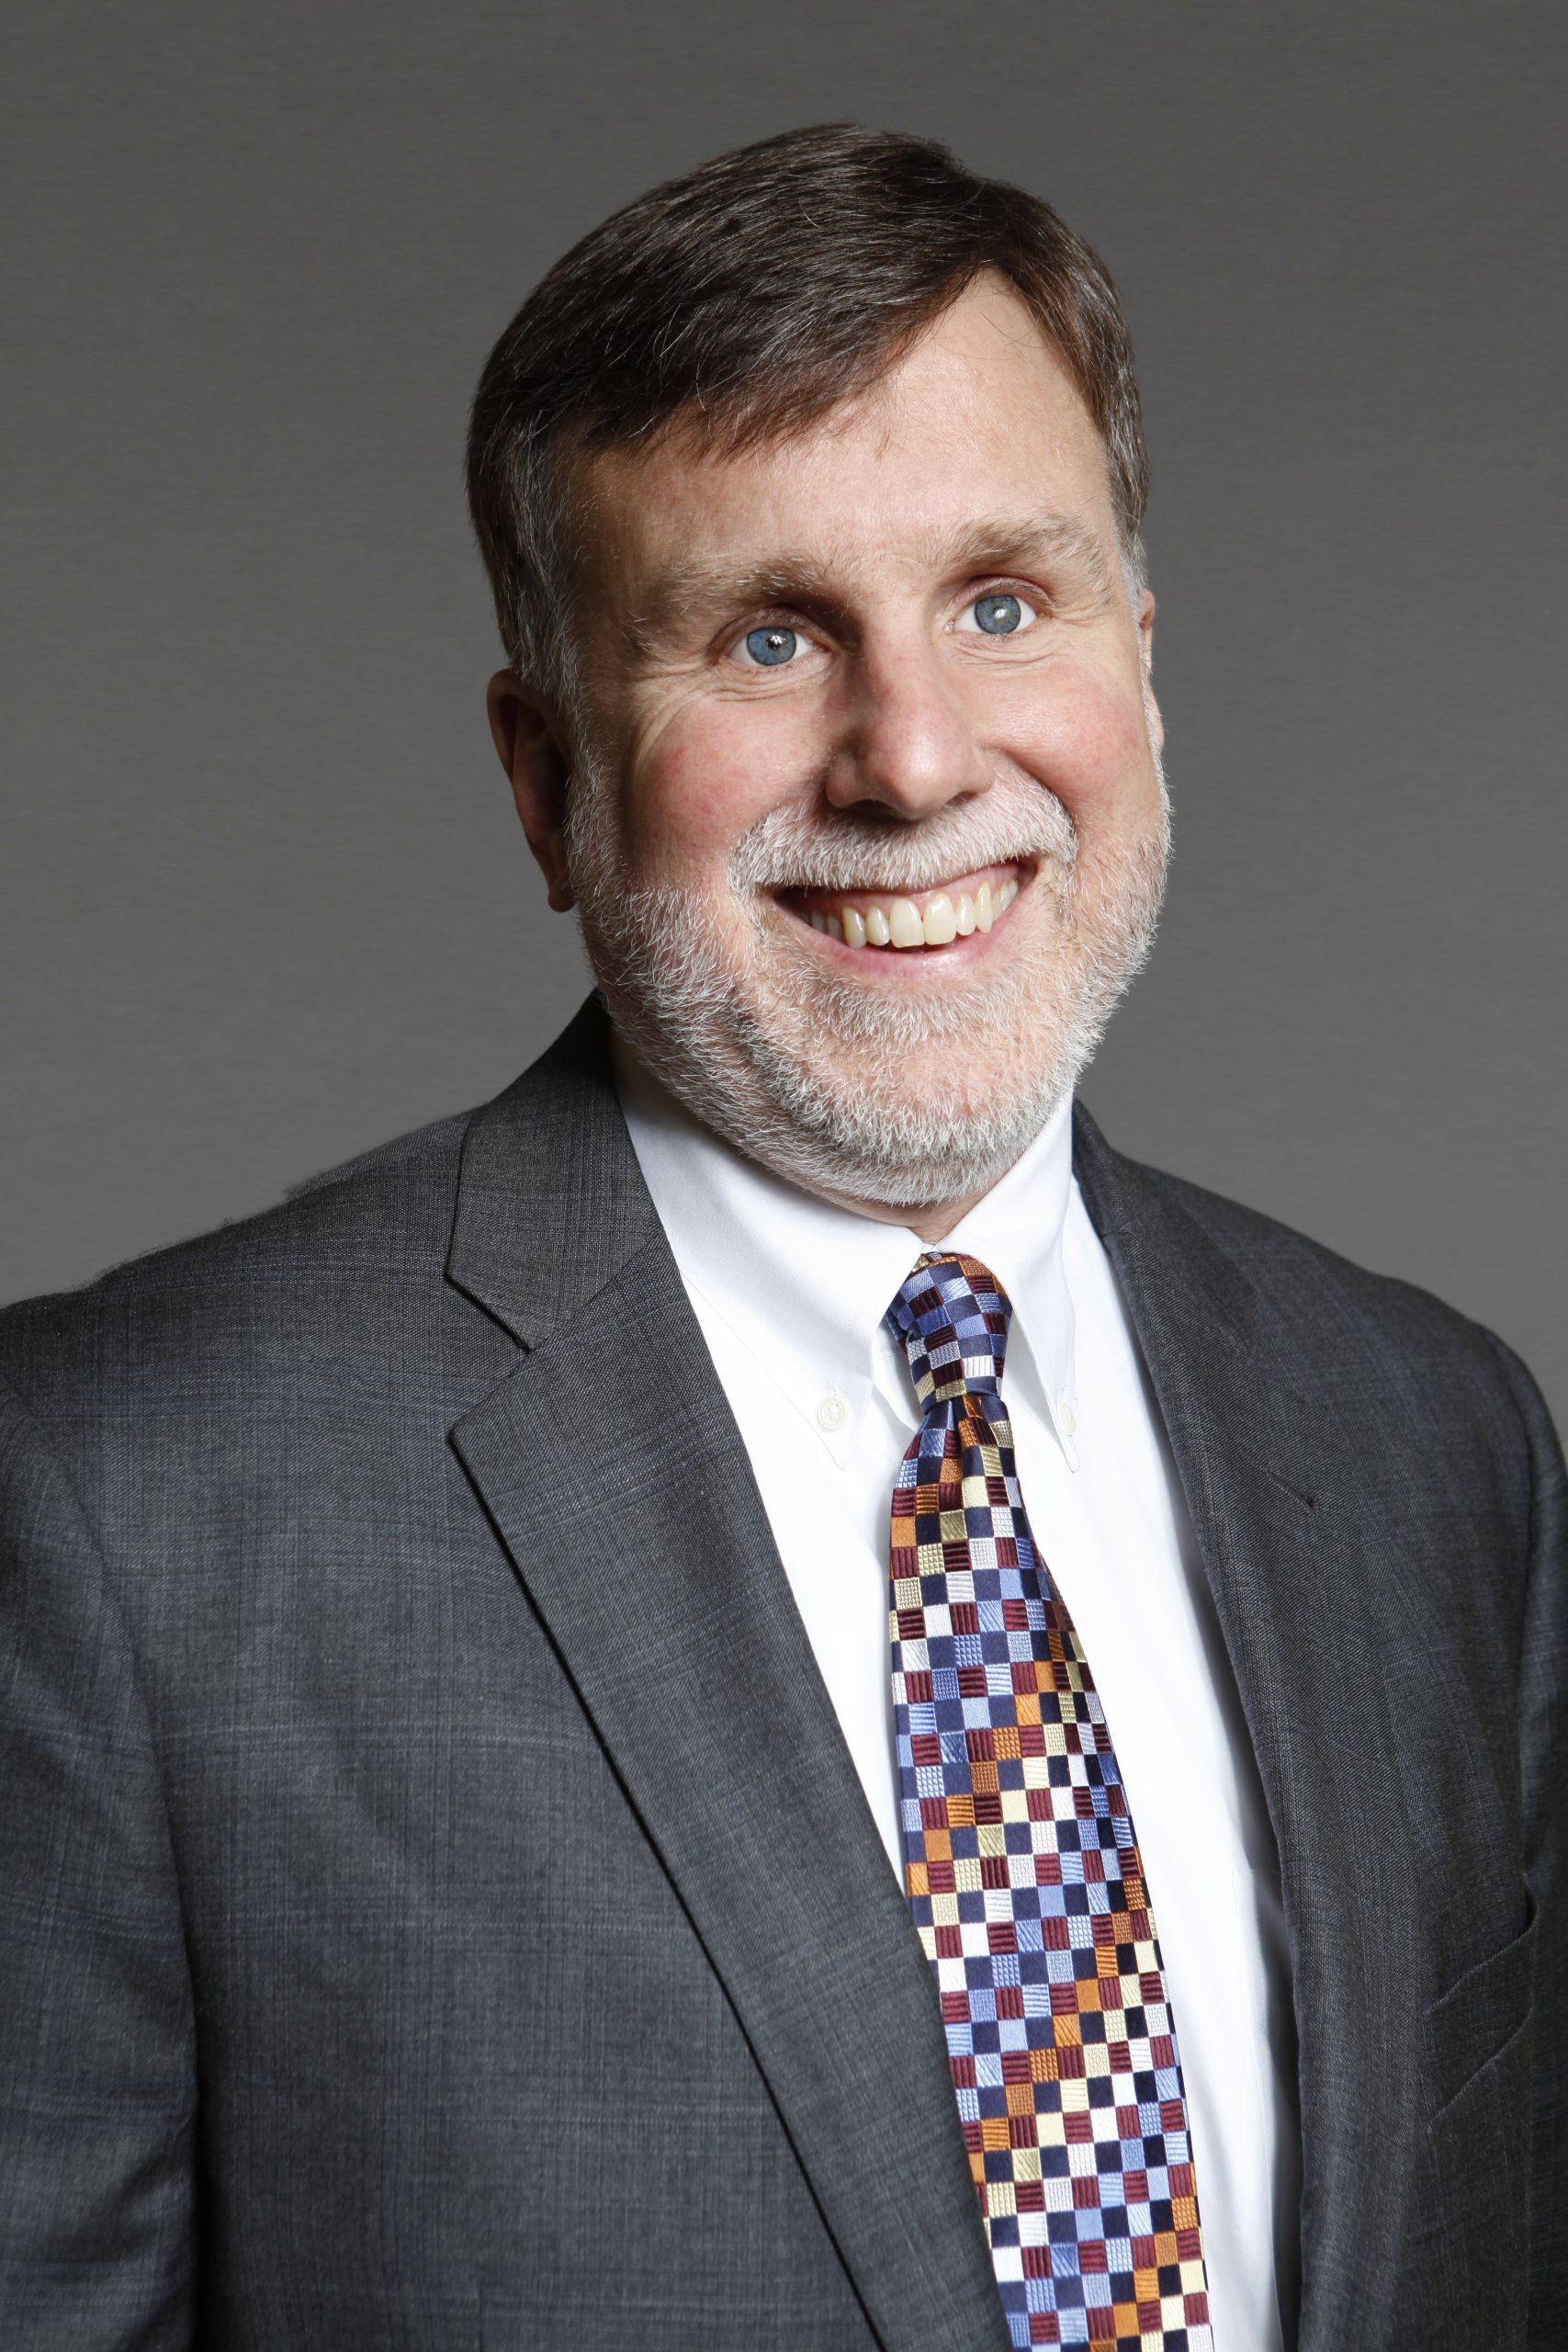 Paul Schroeder headshot